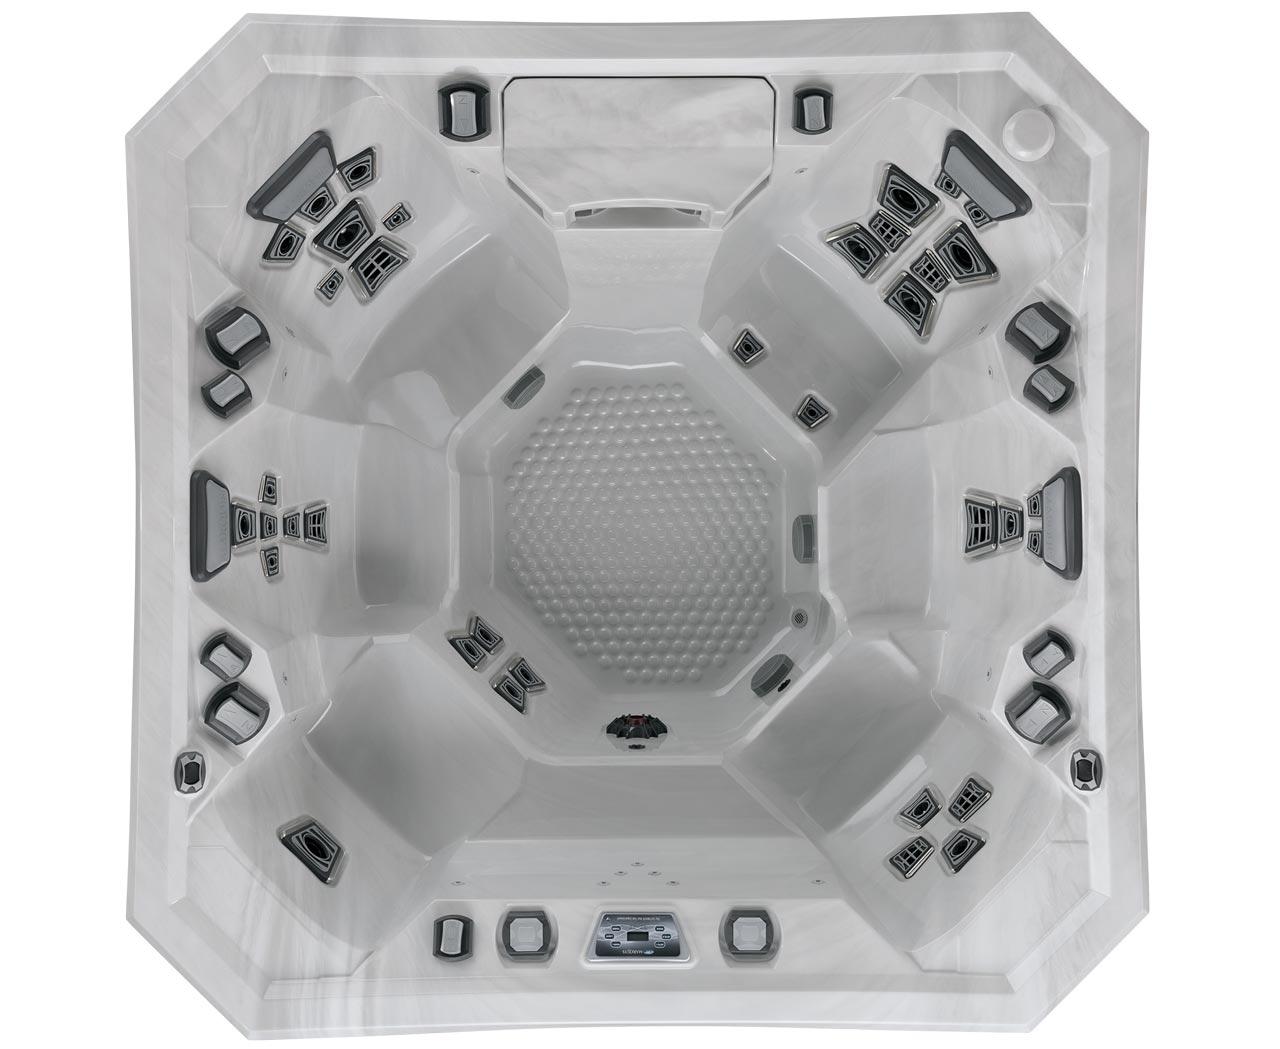 hight resolution of v84 hot tub